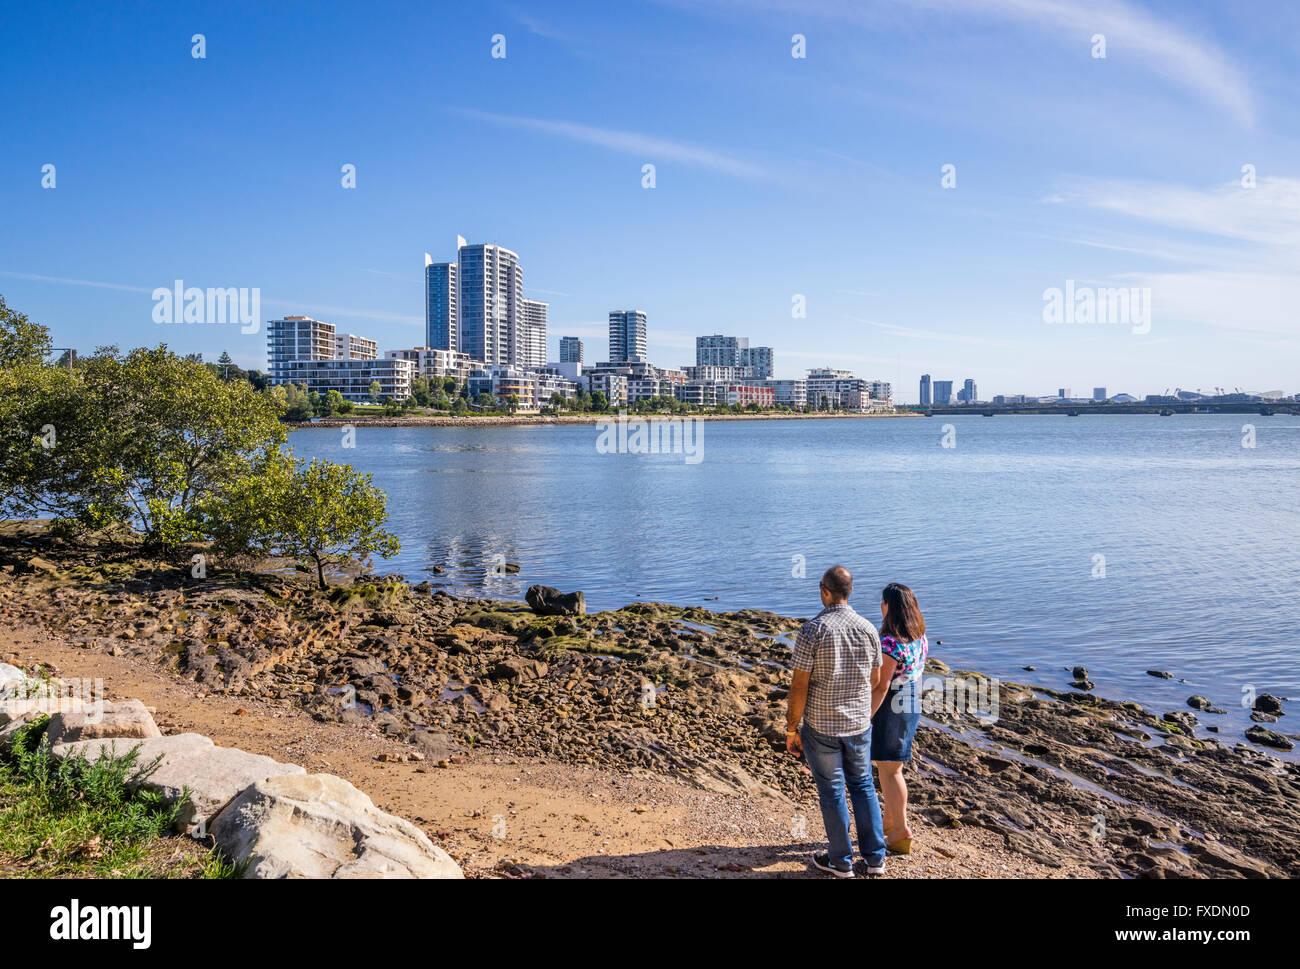 Australien, New South Wales, Parramatta River, Blick auf Wohn-Wohnung Hochhaus auf Rhodos, ein Inner West Vorort Stockbild